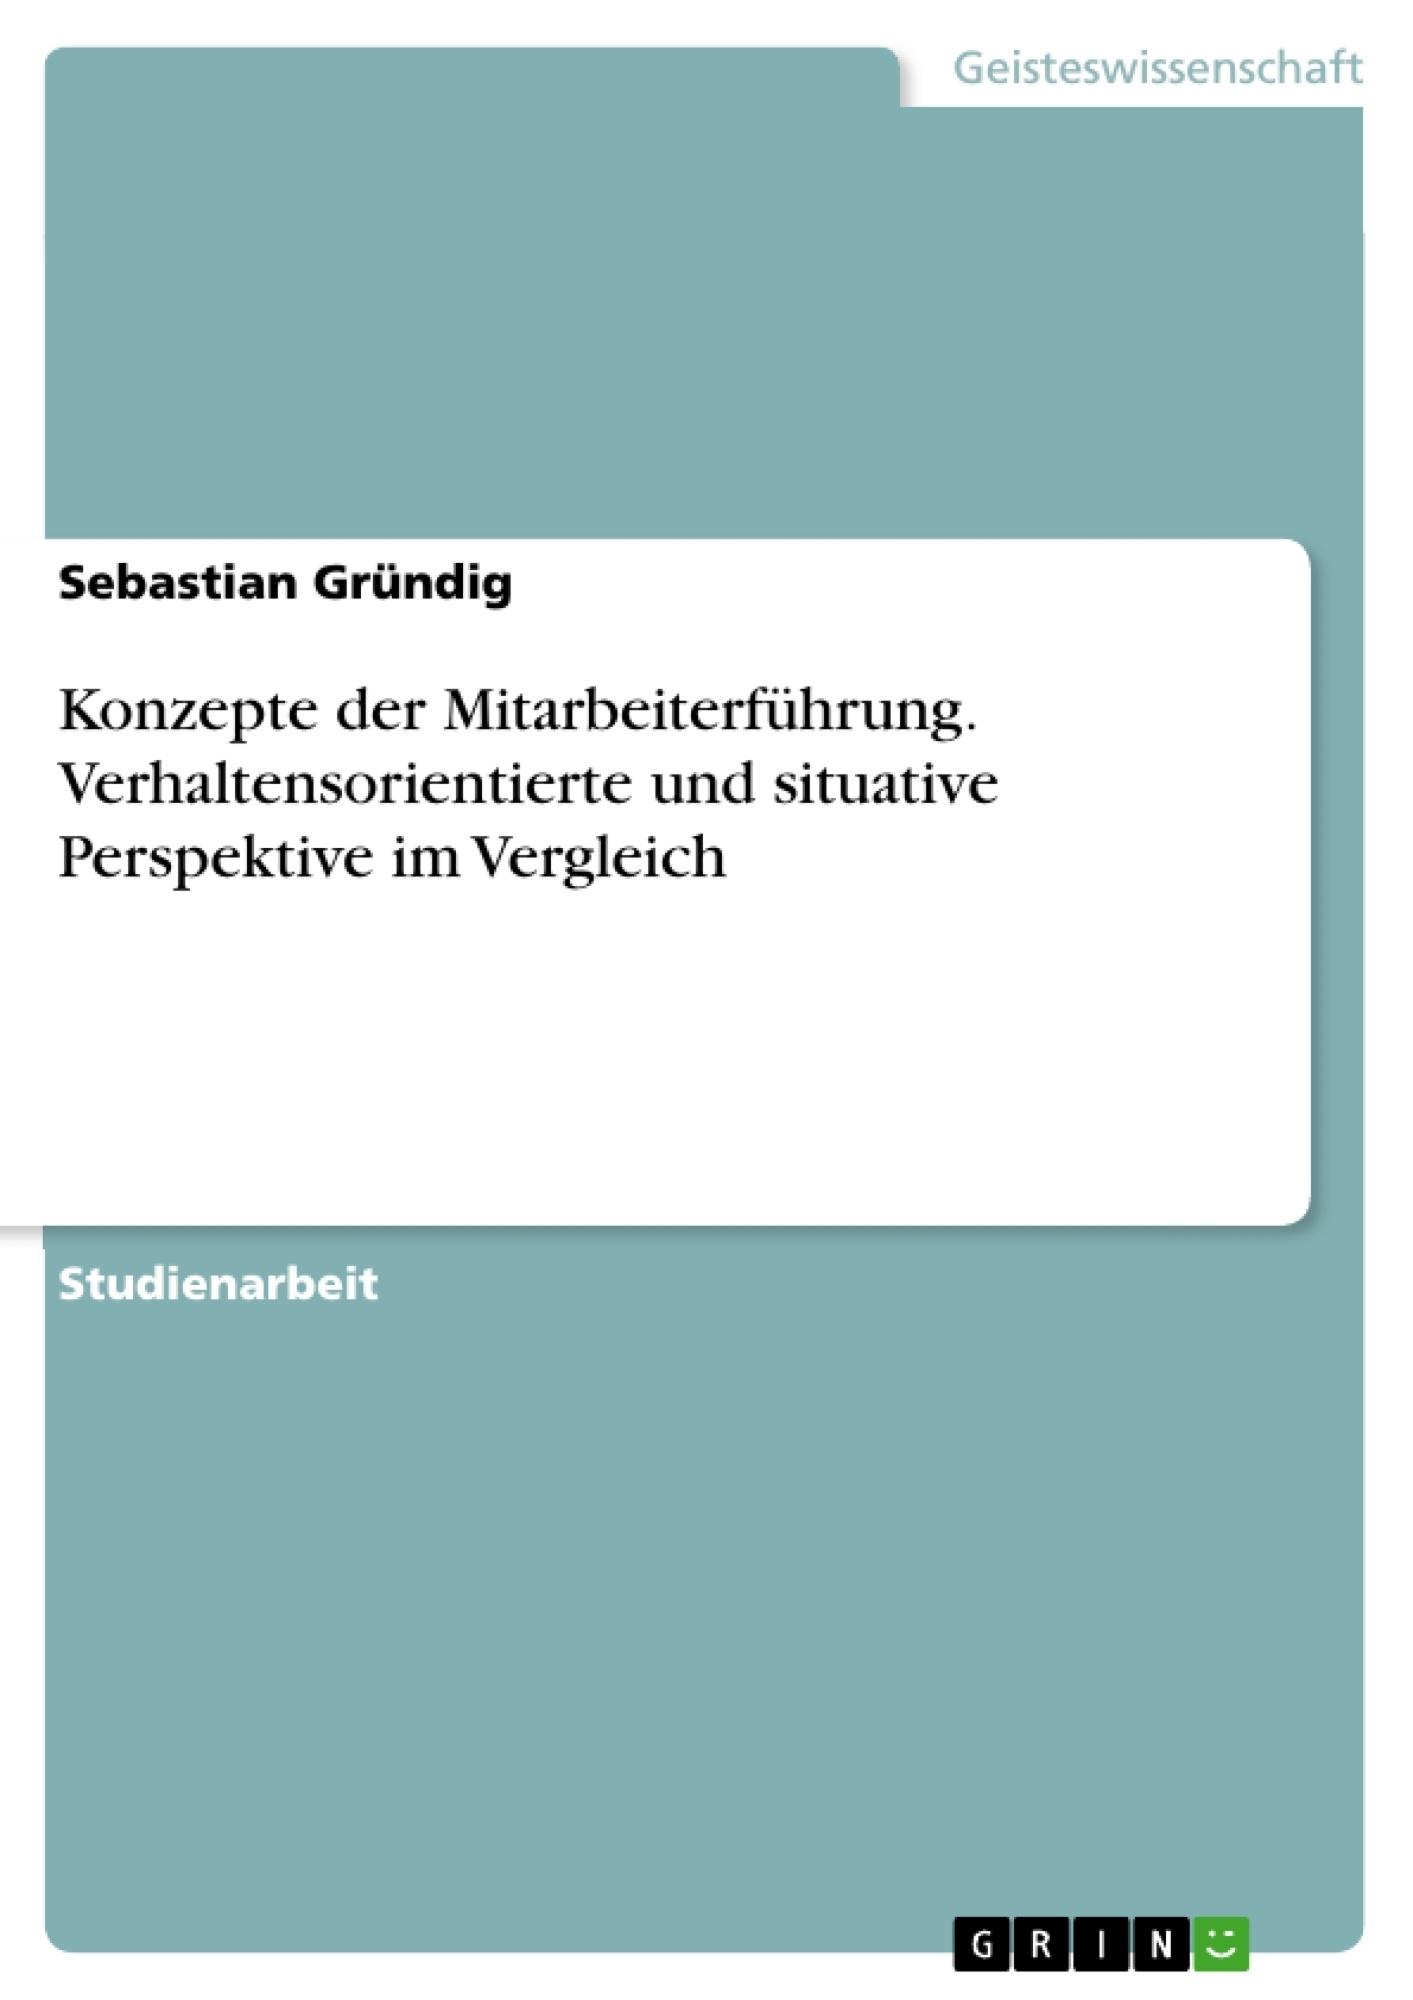 Titel: Konzepte der Mitarbeiterführung. Verhaltensorientierte und situative Perspektive im Vergleich